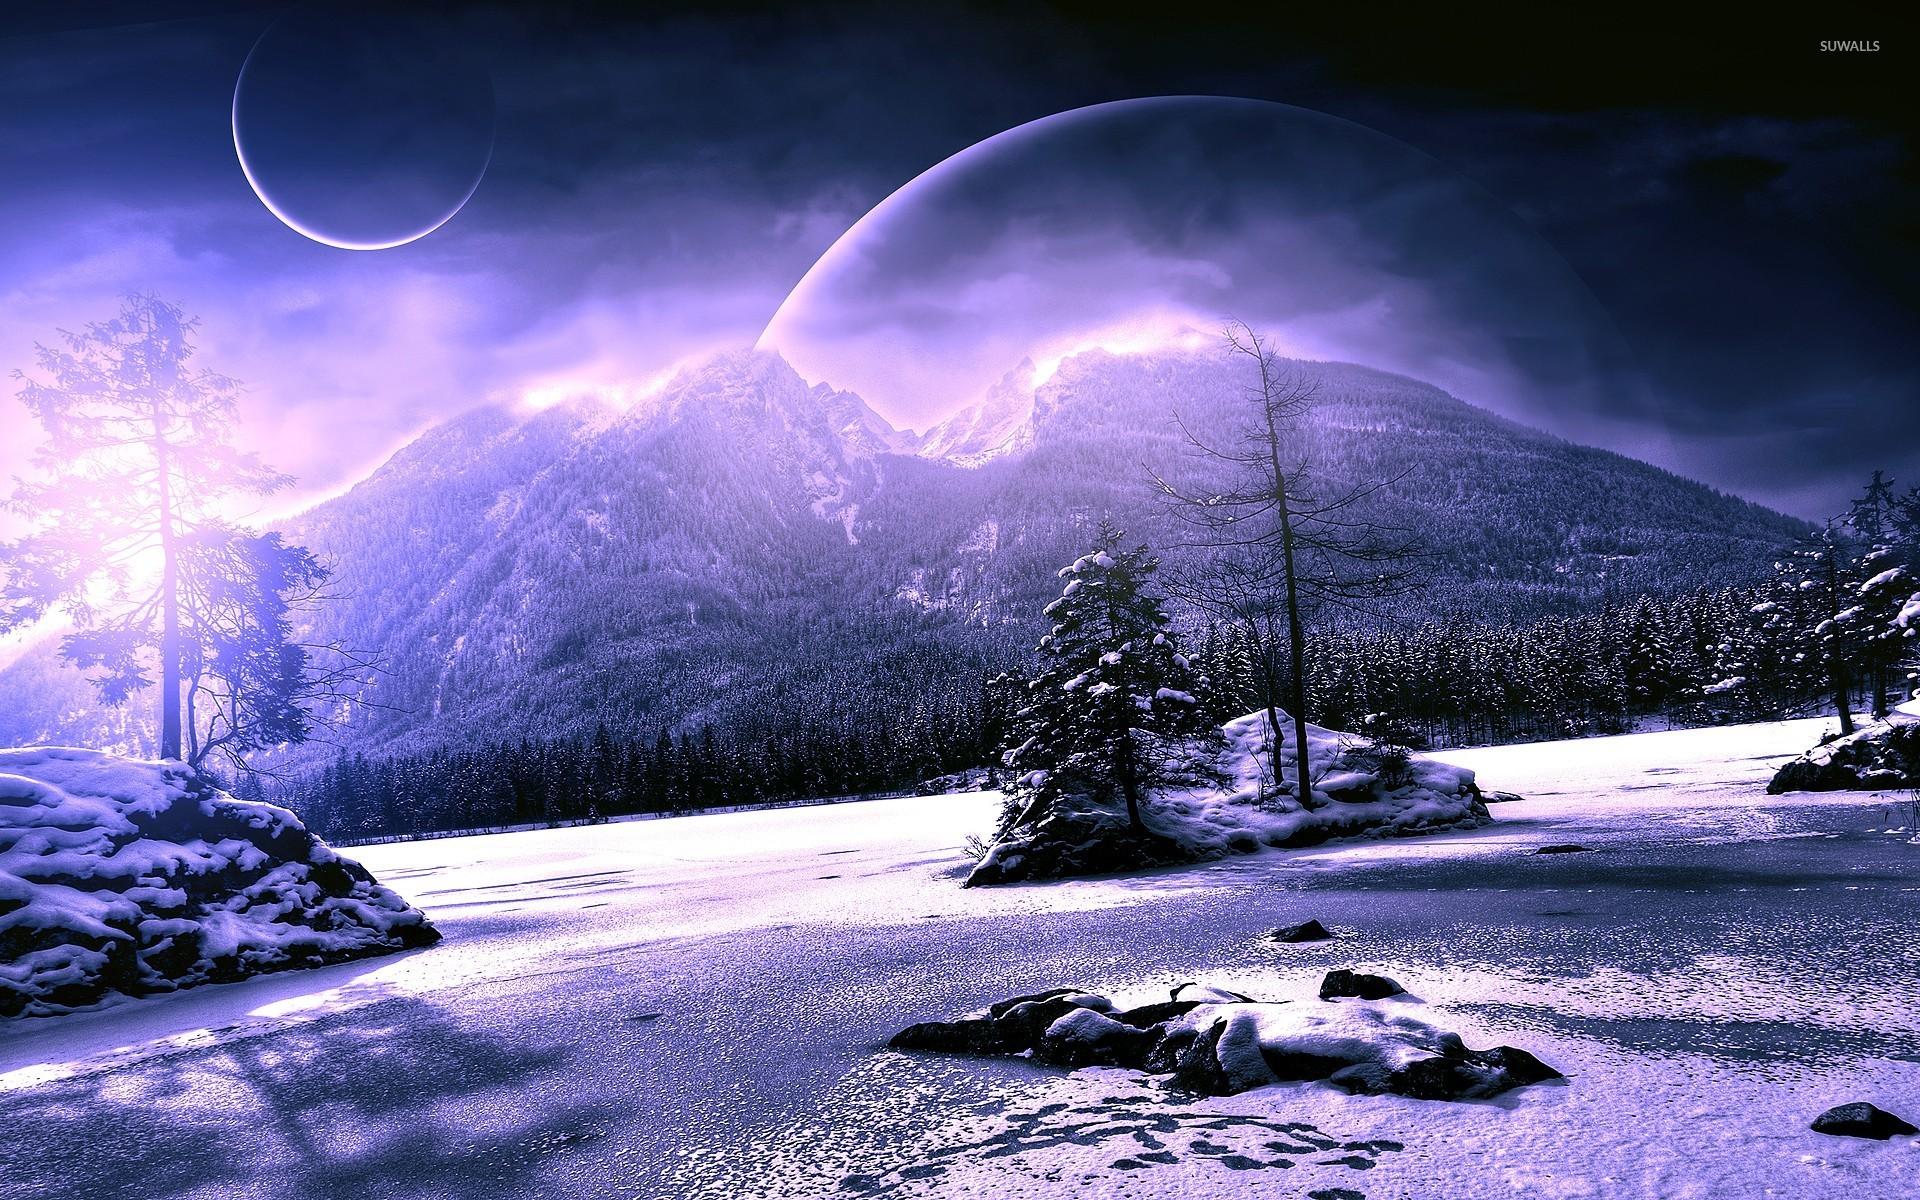 Winter scenery wallpaper wallpapersafari - Fantasy scenery wallpaper ...